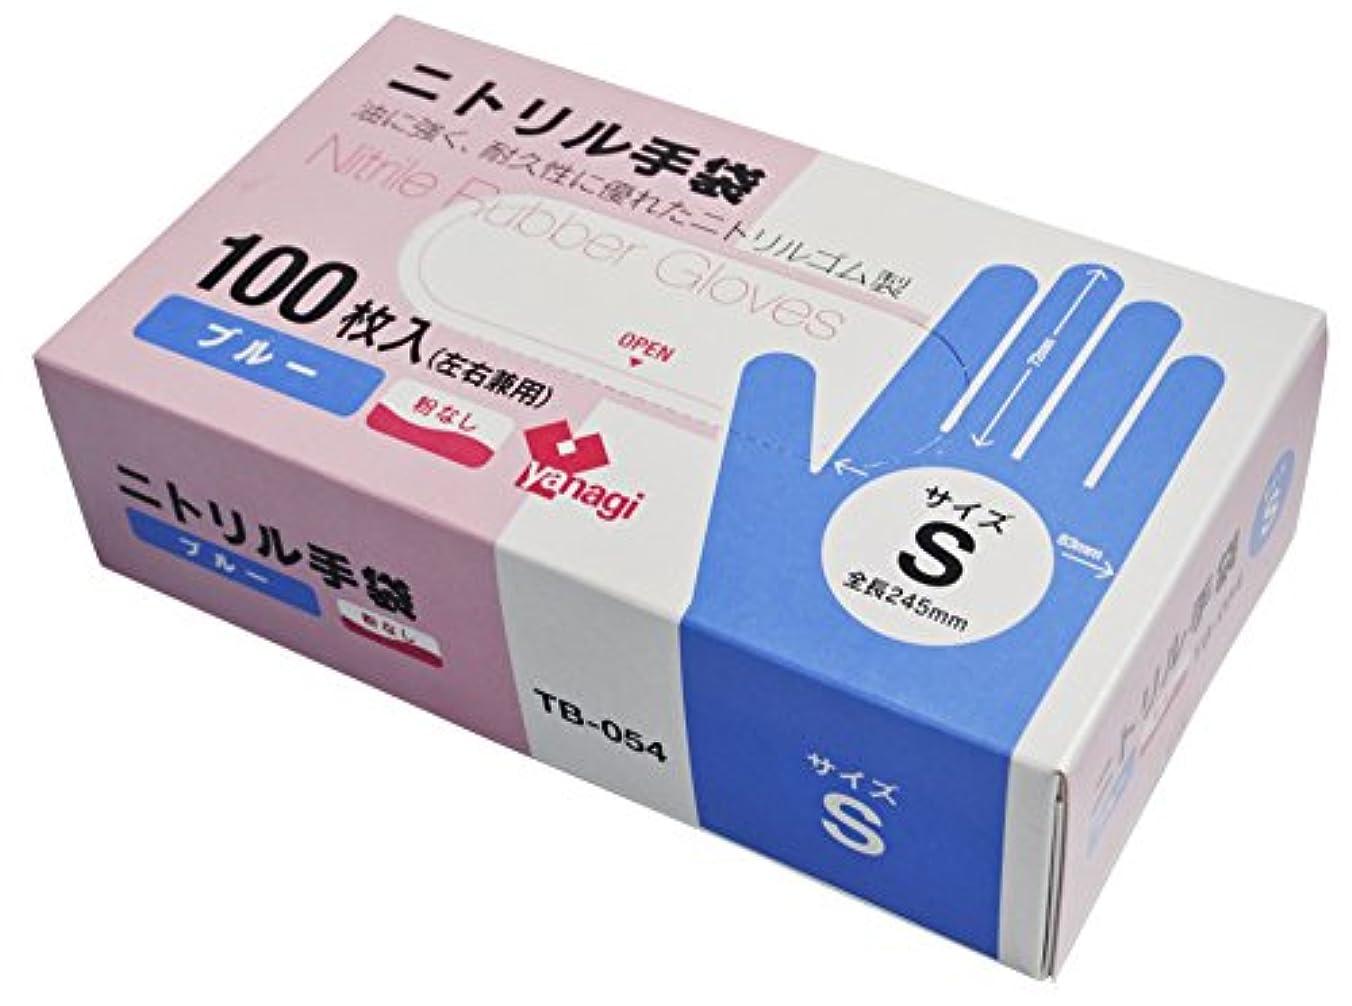 貨物さびたお客様使い捨て ニトリル製手袋 ブルー 左右兼用 Sサイズ 100枚入 粉なし 食品衛生法規格基準適合品 TB-054